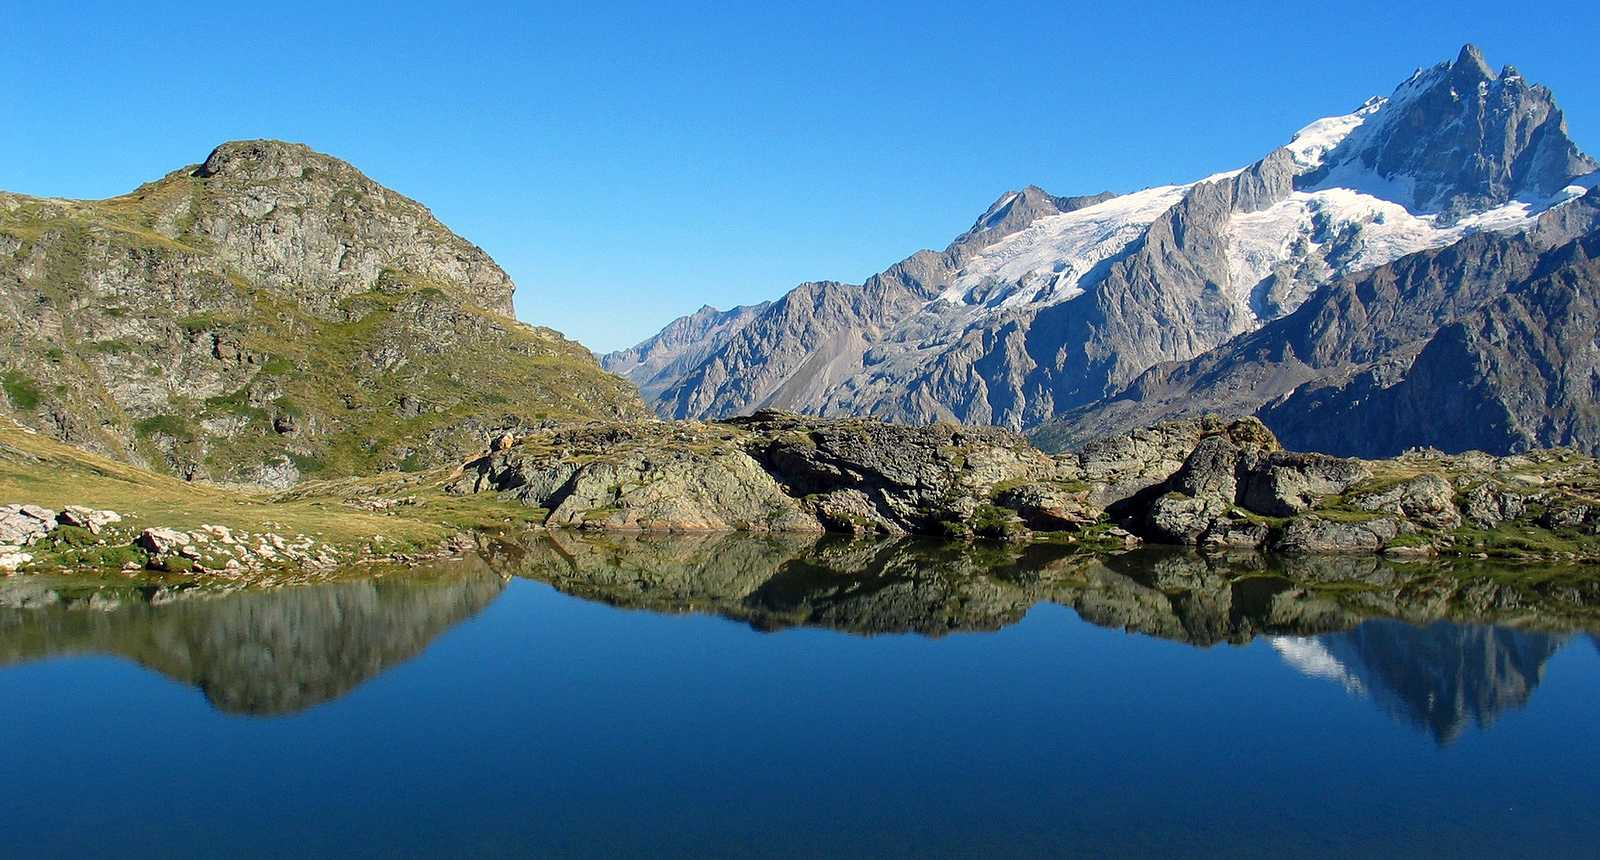 Le parc national des Ecrins : un bijou dans les Hautes-Alpes